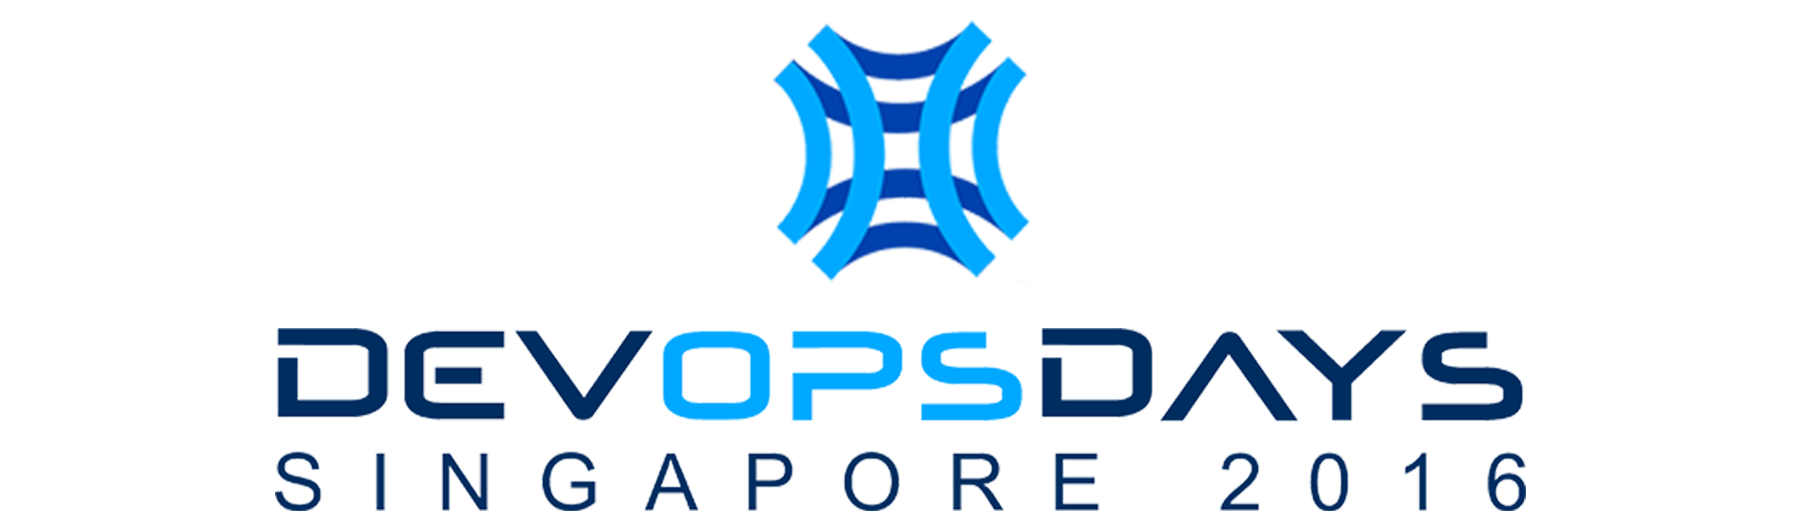 DevOpsDays Singapore 2016